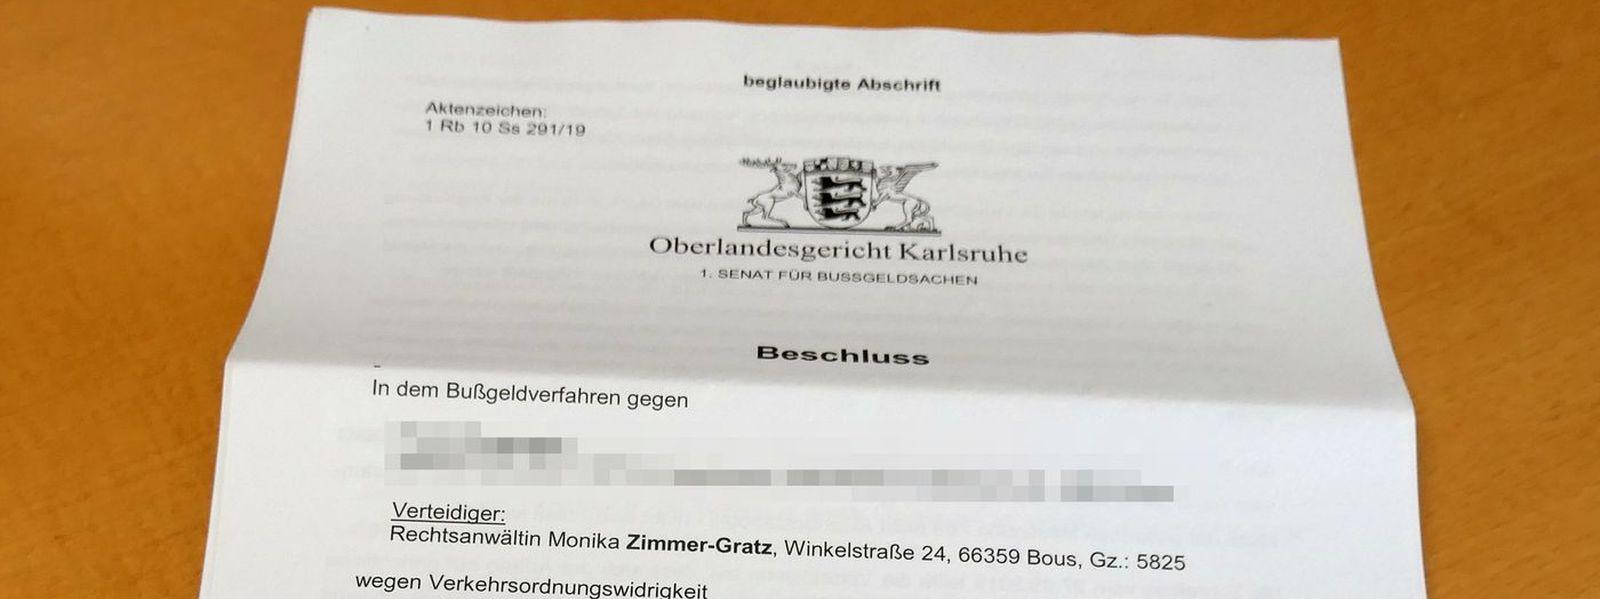 Oberlandesgericht Karlsruhe: Unterlagen von Geschwindigkeits- und anderen Messungen dürfen eingesehen werden